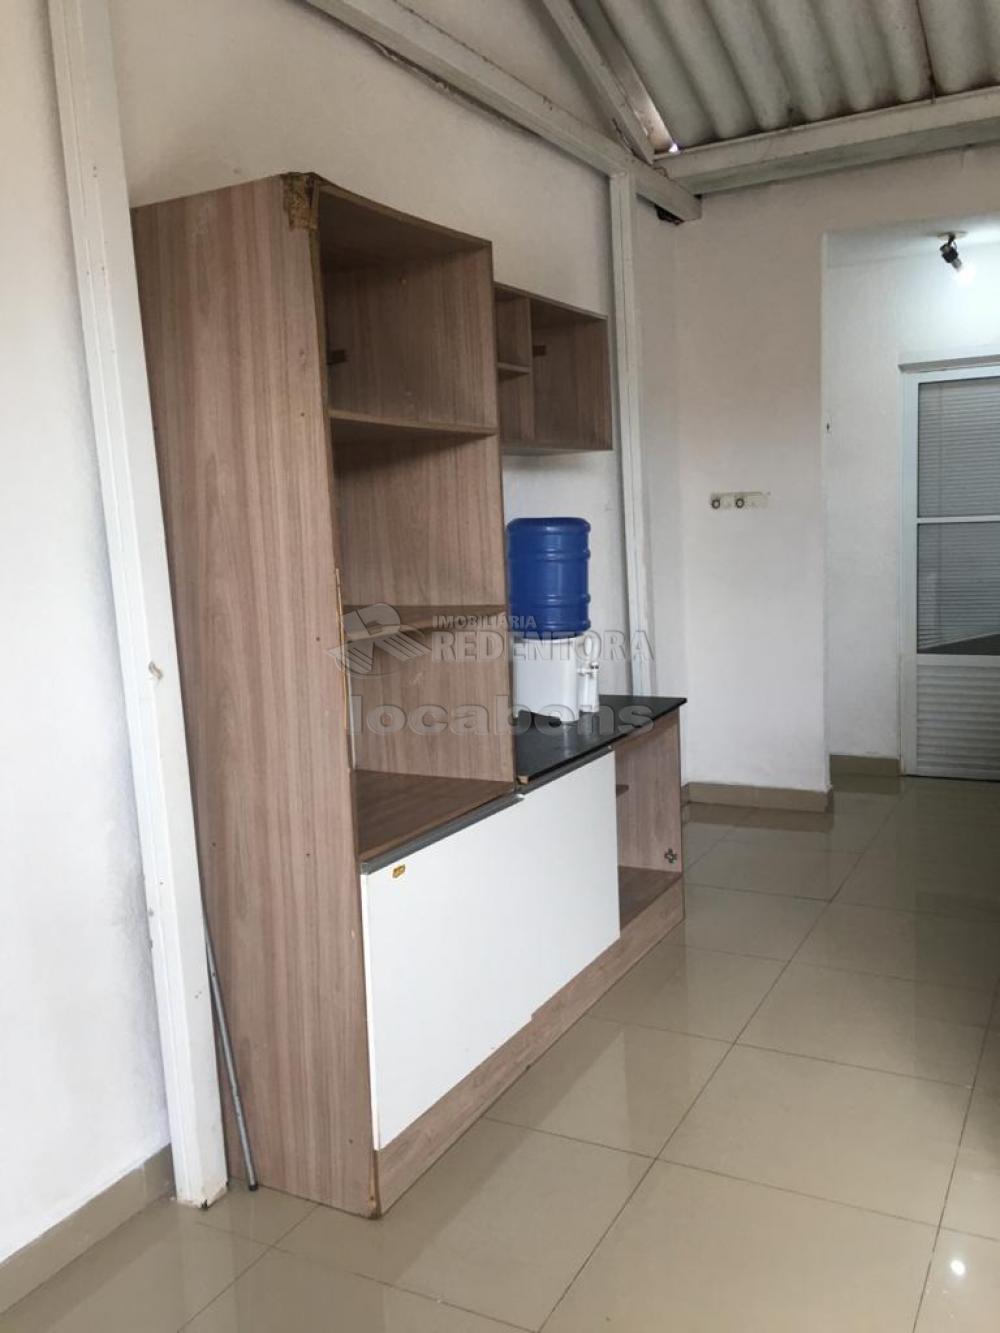 Alugar Casa / Condomínio em São José do Rio Preto R$ 1.400,00 - Foto 5